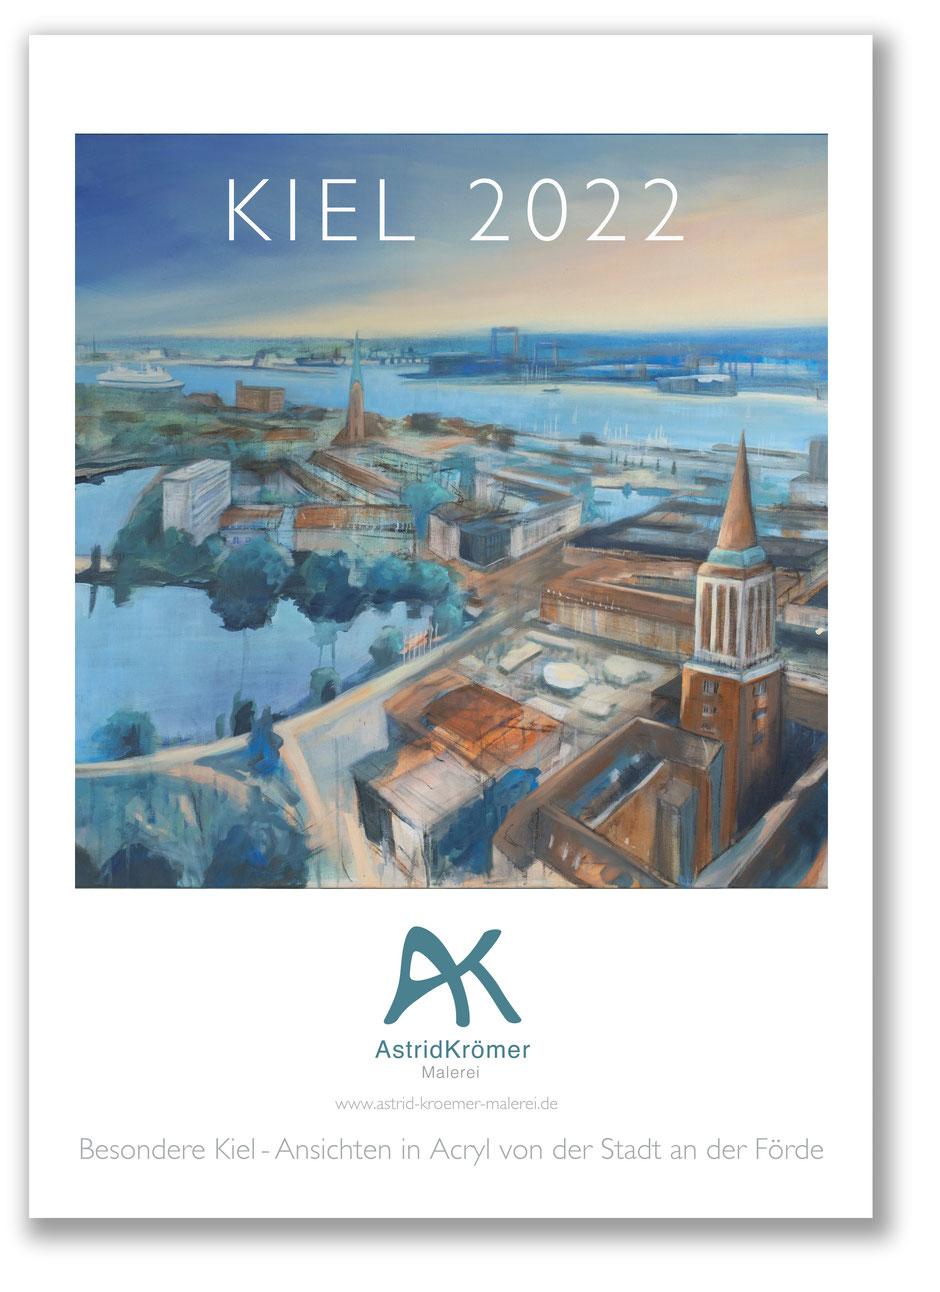 Astrid Krömer, Besondere Kiel -Ansichten von der Stadt an dr Förde, www.astrid-kroemer-malerei.de